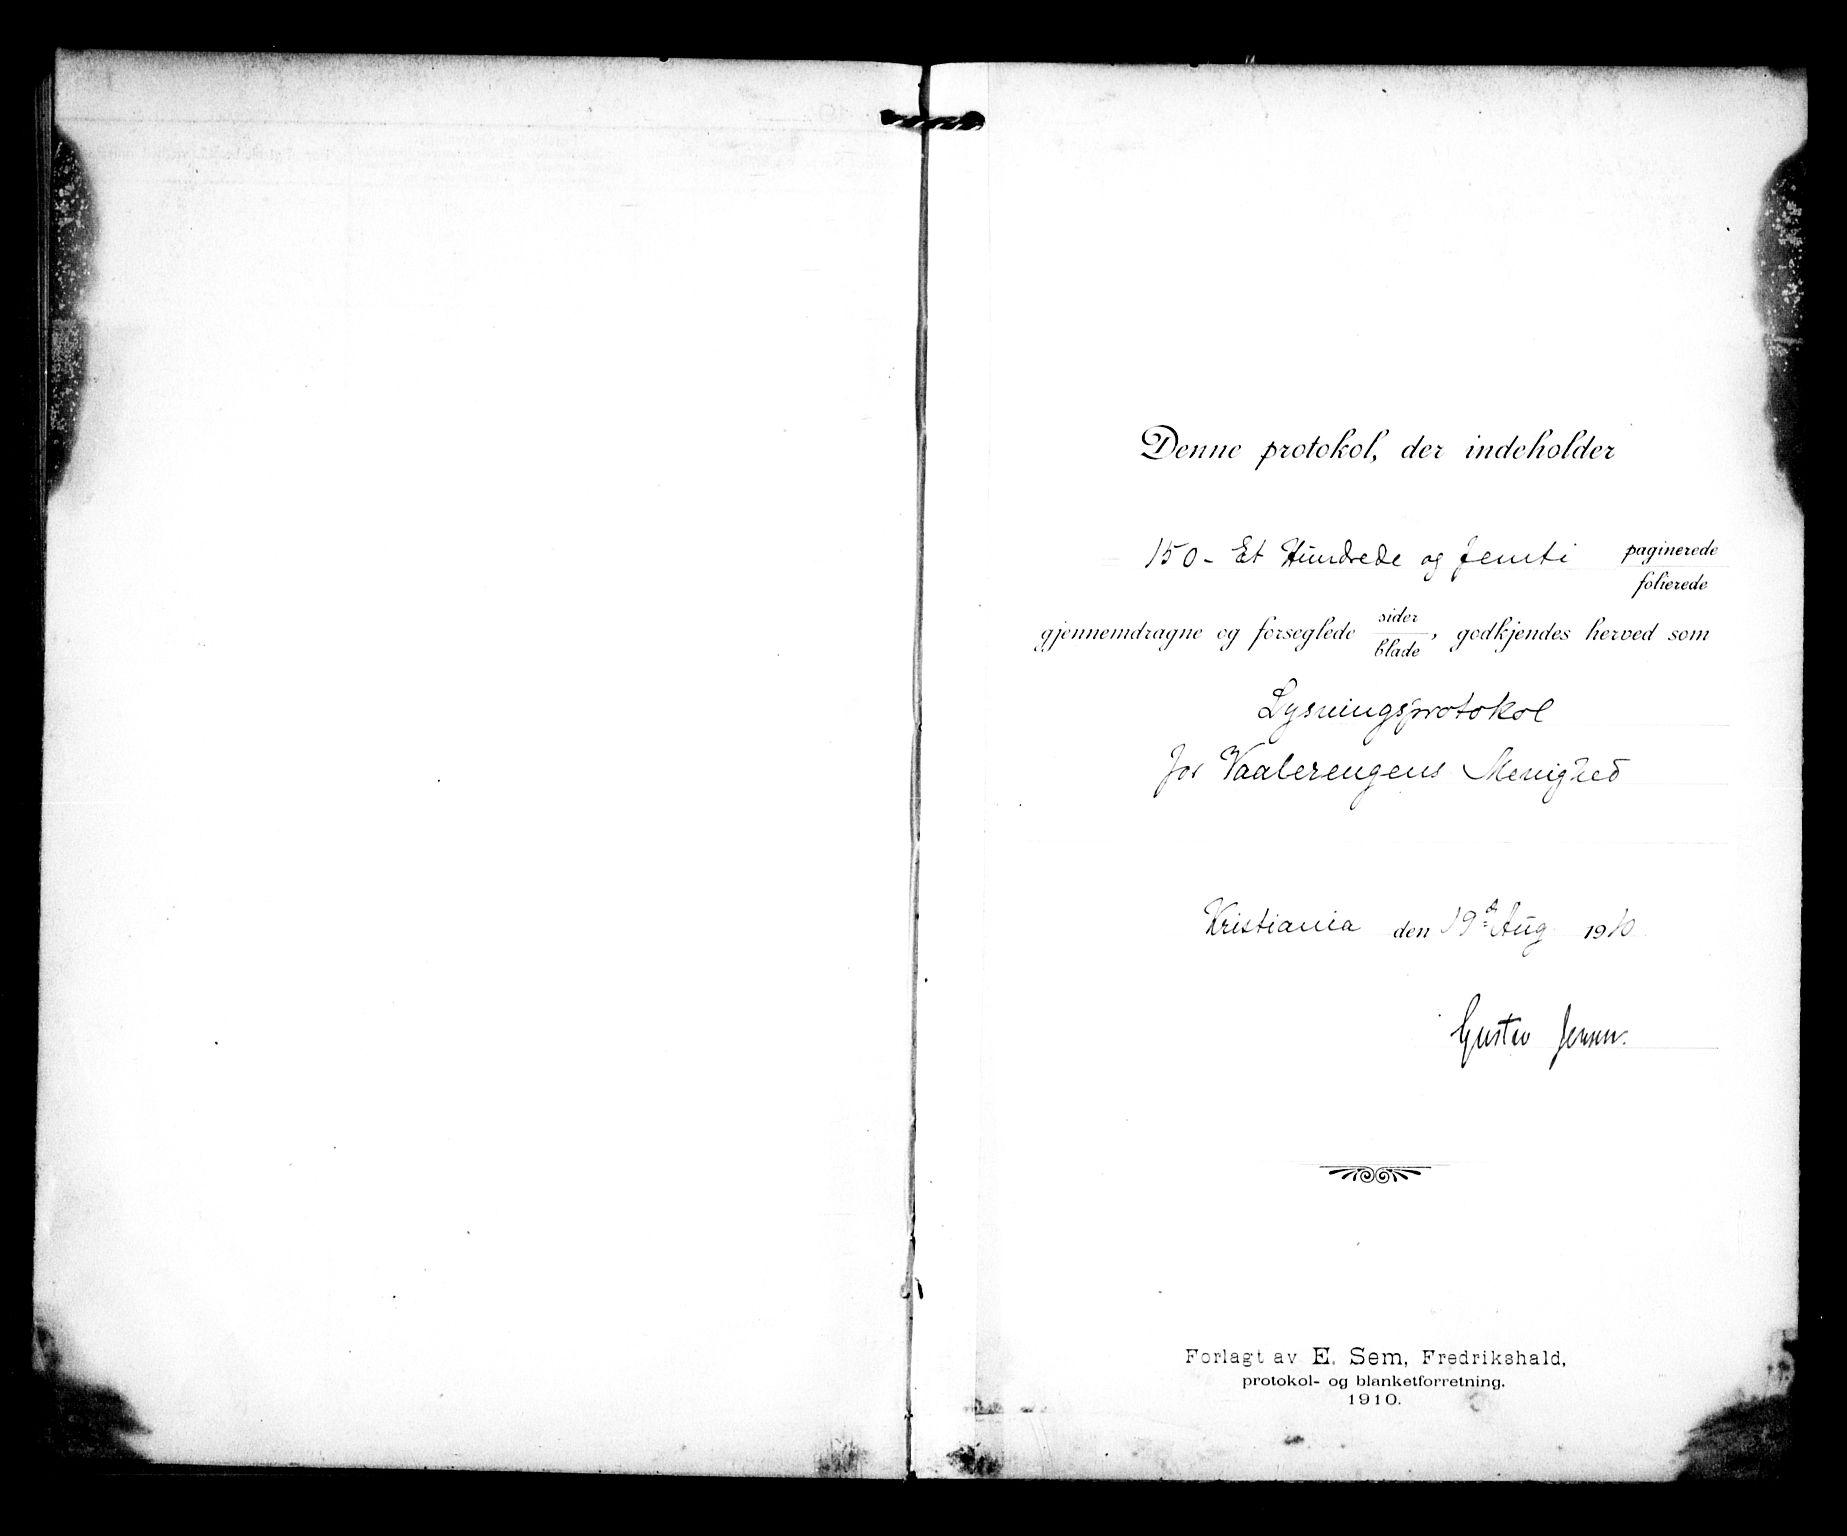 SAO, Vålerengen prestekontor Kirkebøker, H/Ha/L0002: Lysningsprotokoll nr. 2, 1910-1918